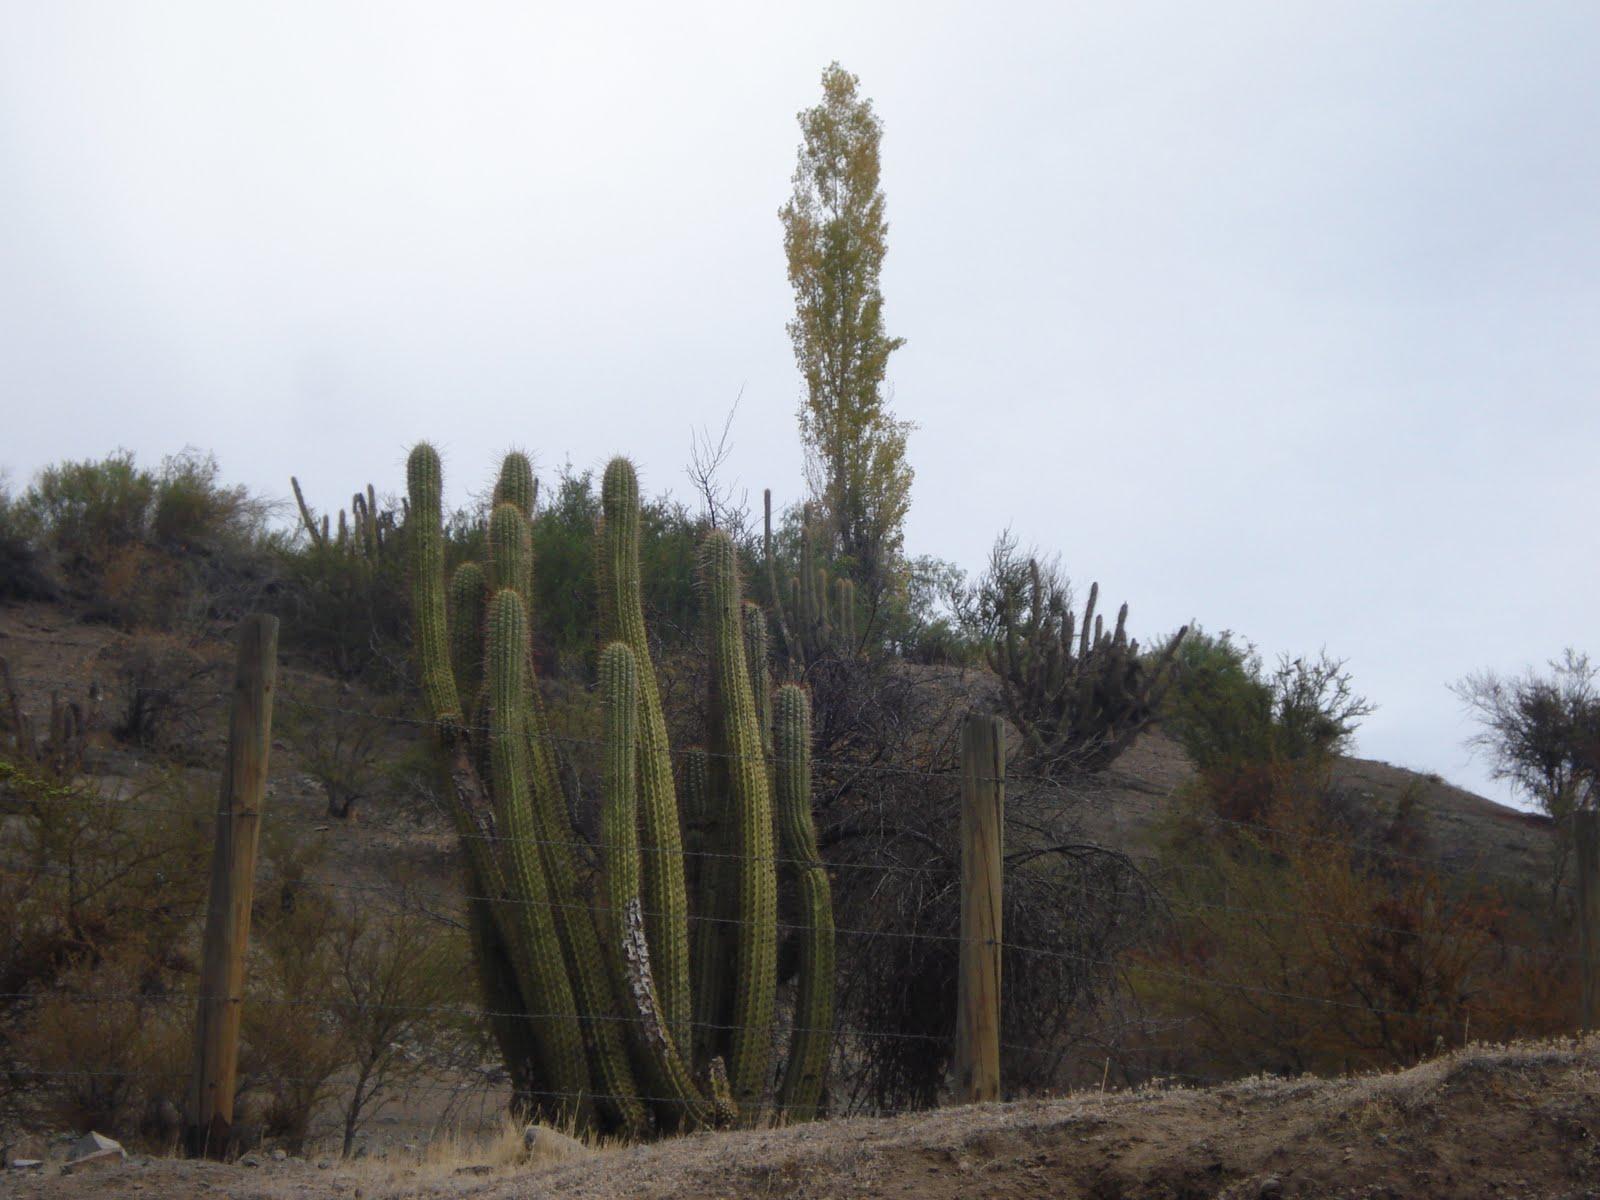 Nova specie cactus columnares a la salida de santiago for Cactus santiago